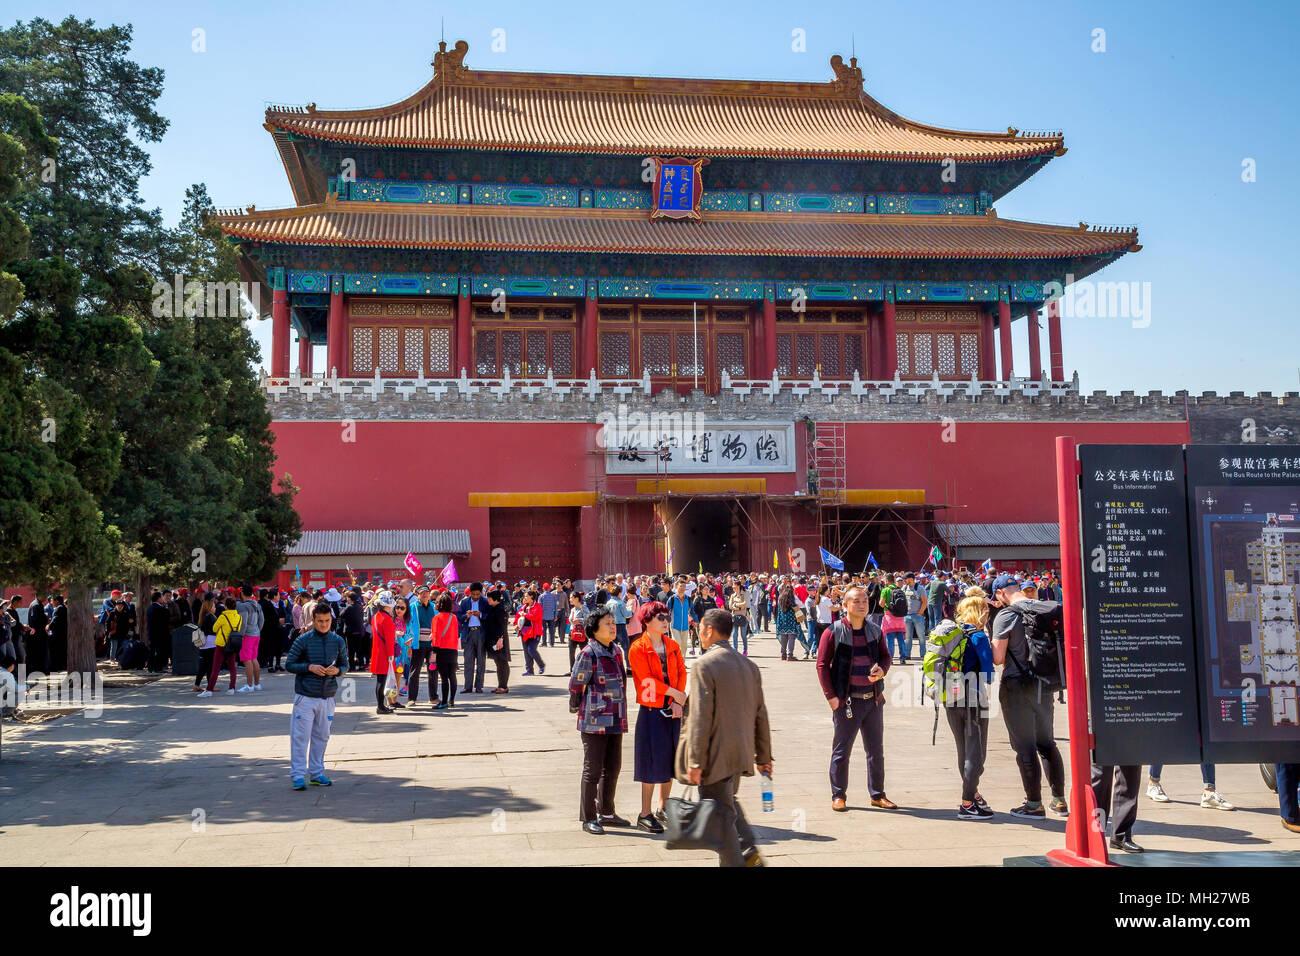 Musée du Palais, la Cité Interdite, Pékin, Chine - des foules de touristes se rassemblent à la porte de la divine puissance. Ouvriers d'effectuer des réparations au-dessus de la sortie. Banque D'Images